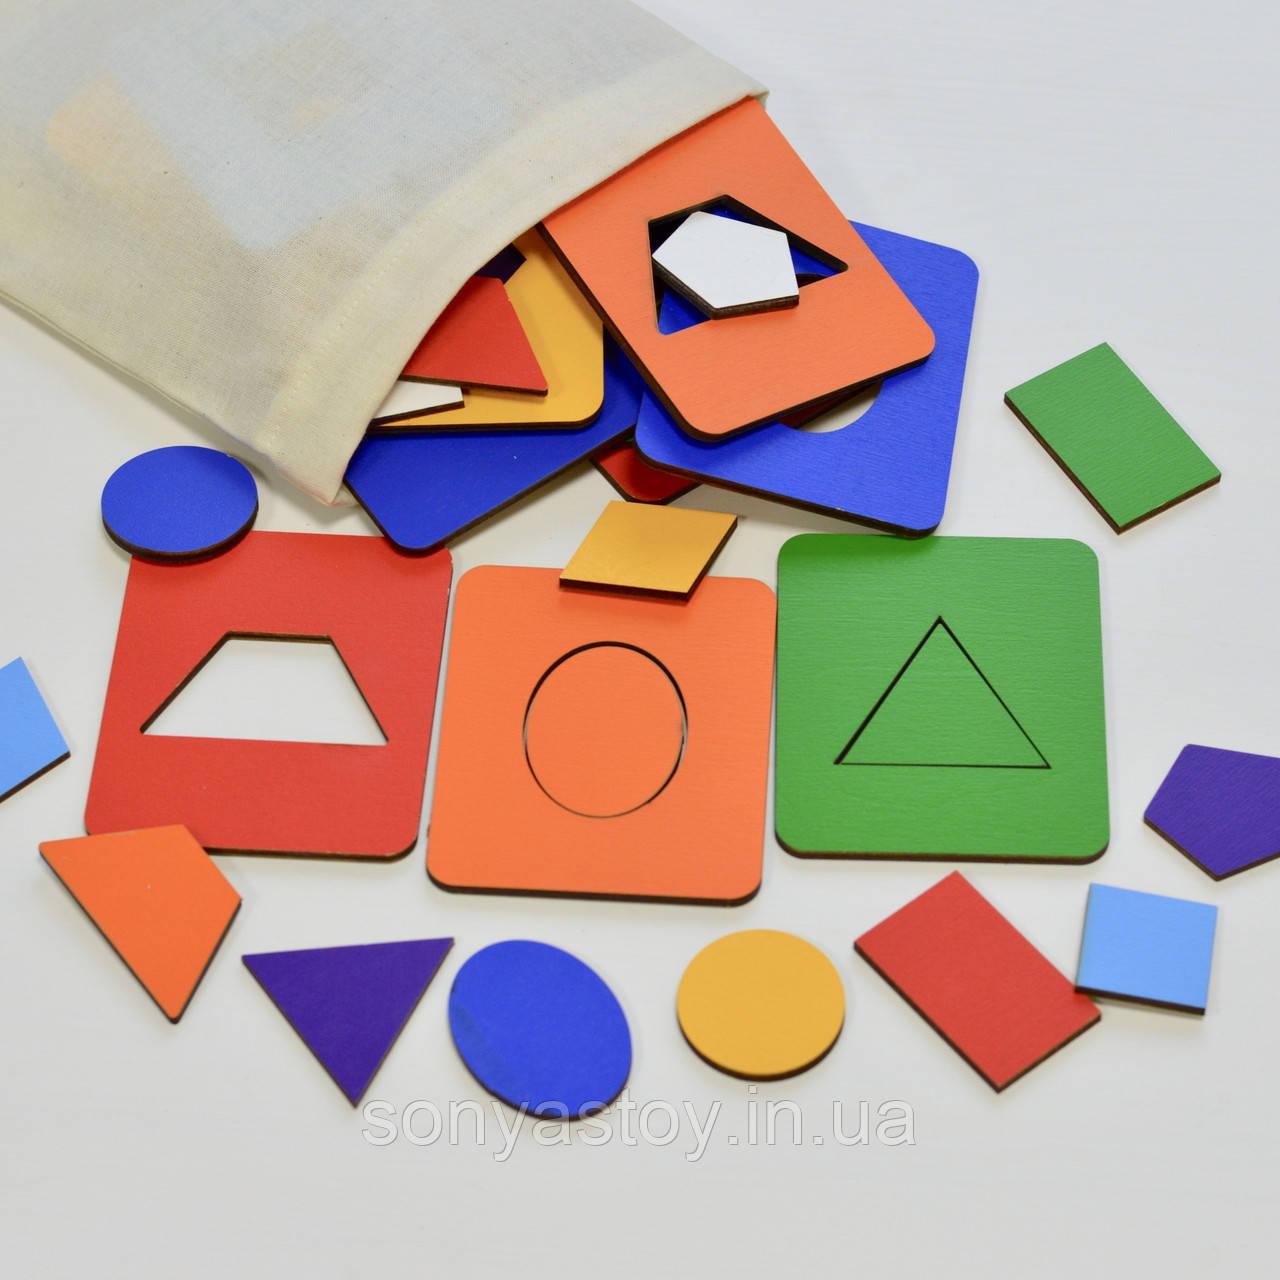 Игра Досочки Сегена Цветные в мешочке, на изучение геометрических форм, 2+